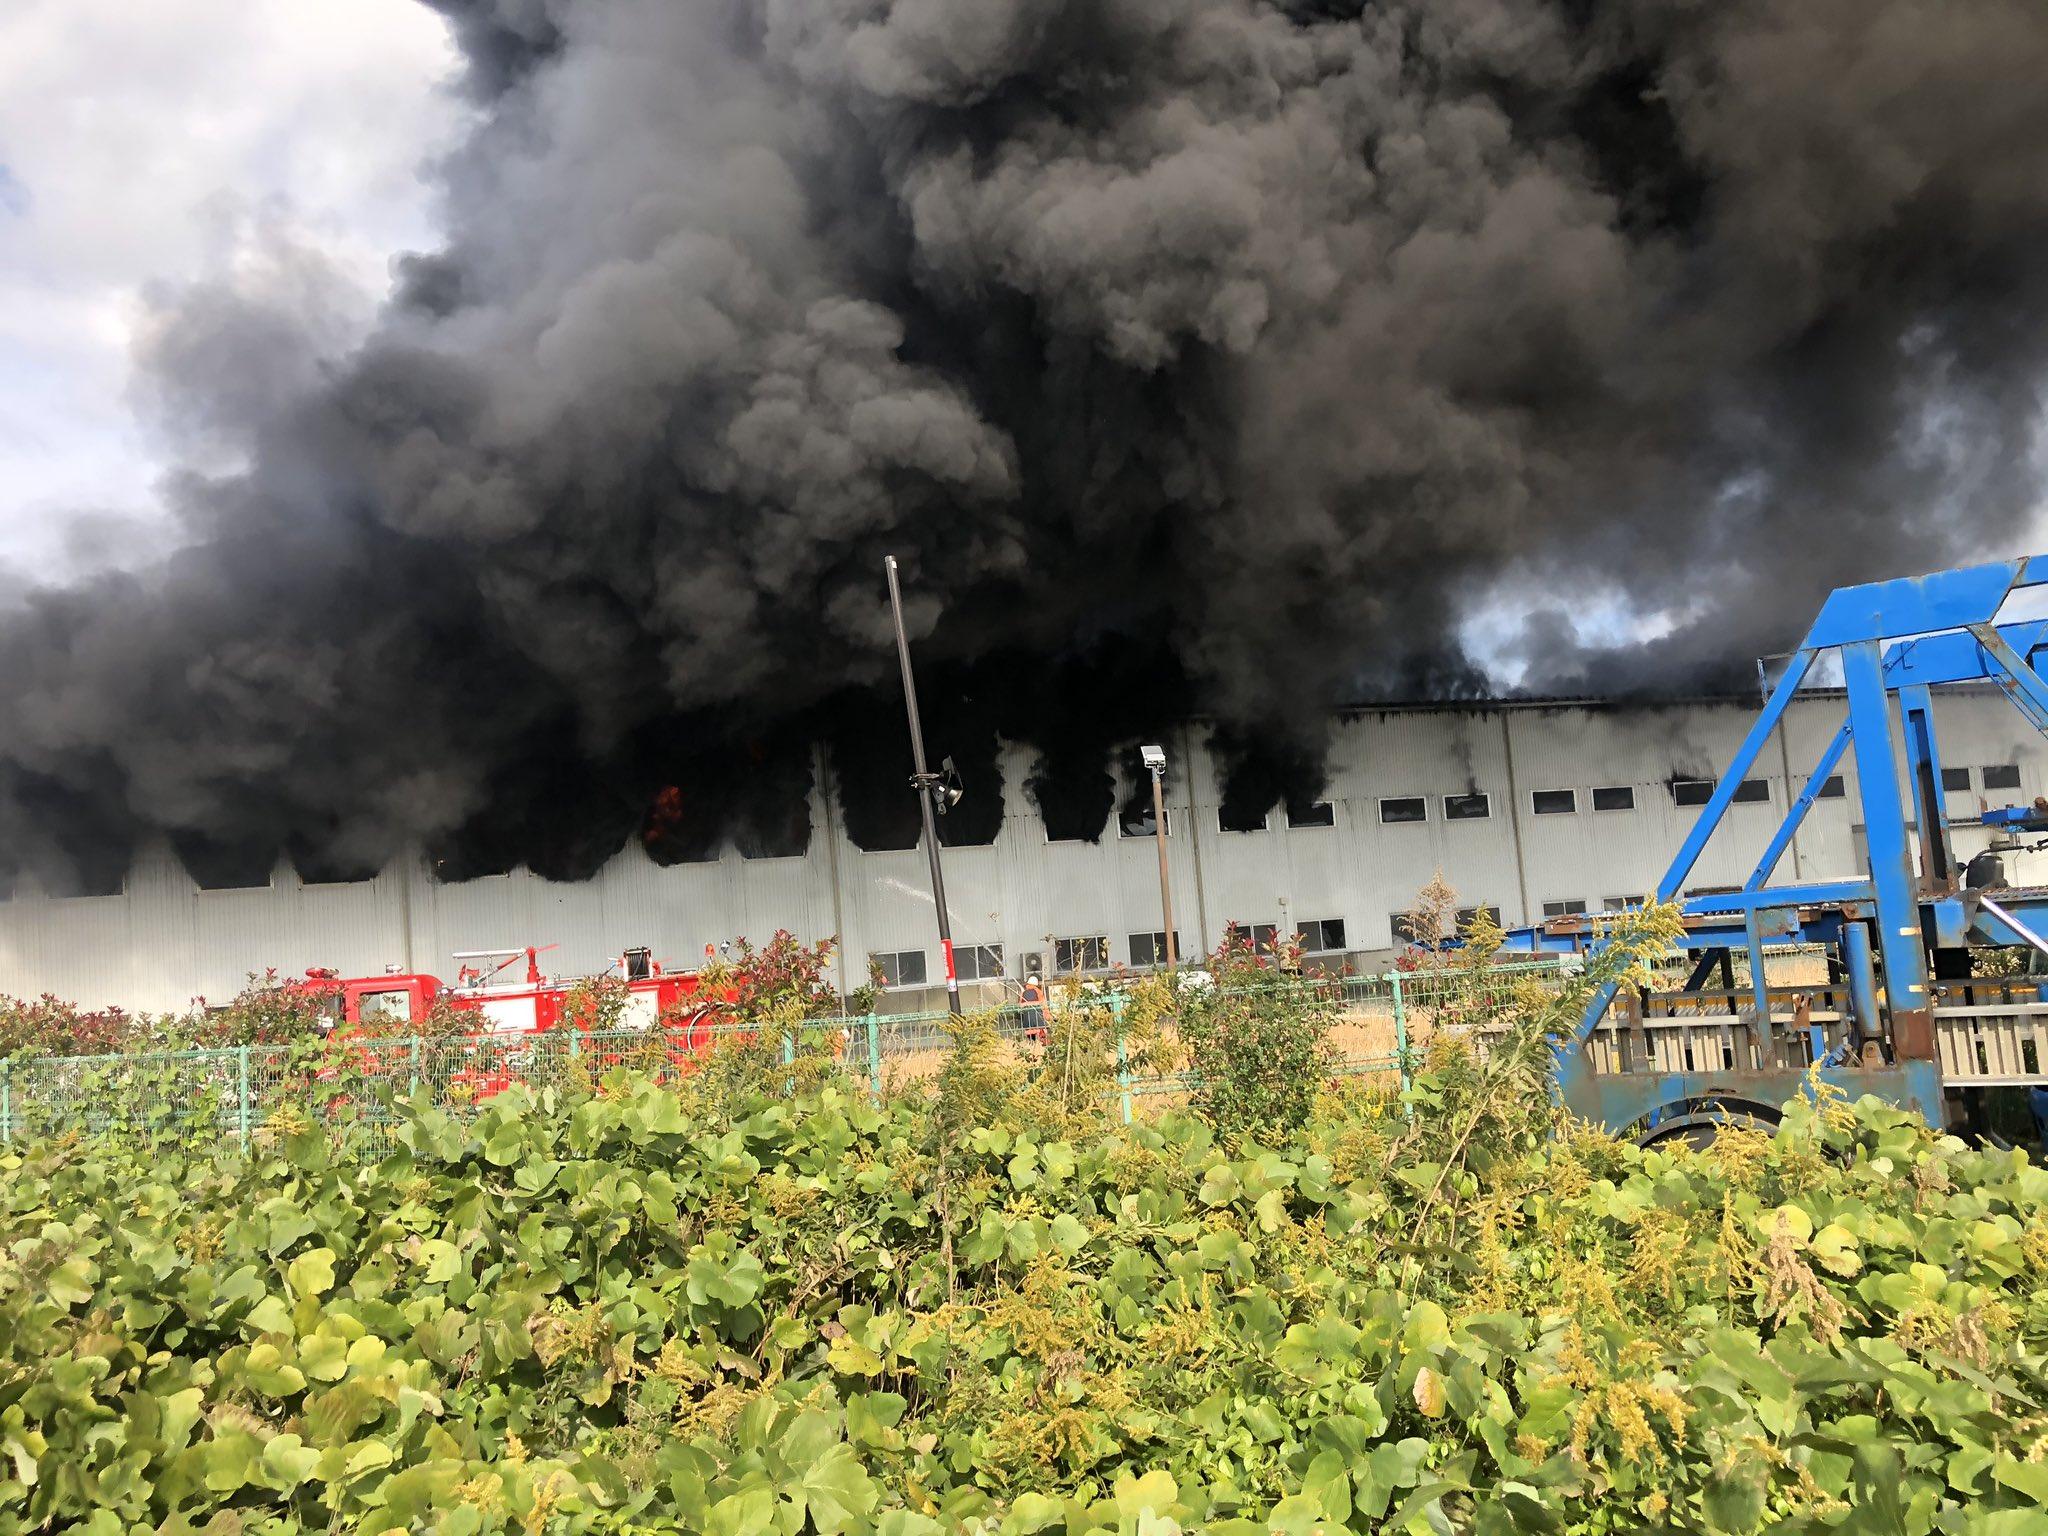 津ノ井工業団地の工場が燃えている火災現場の画像